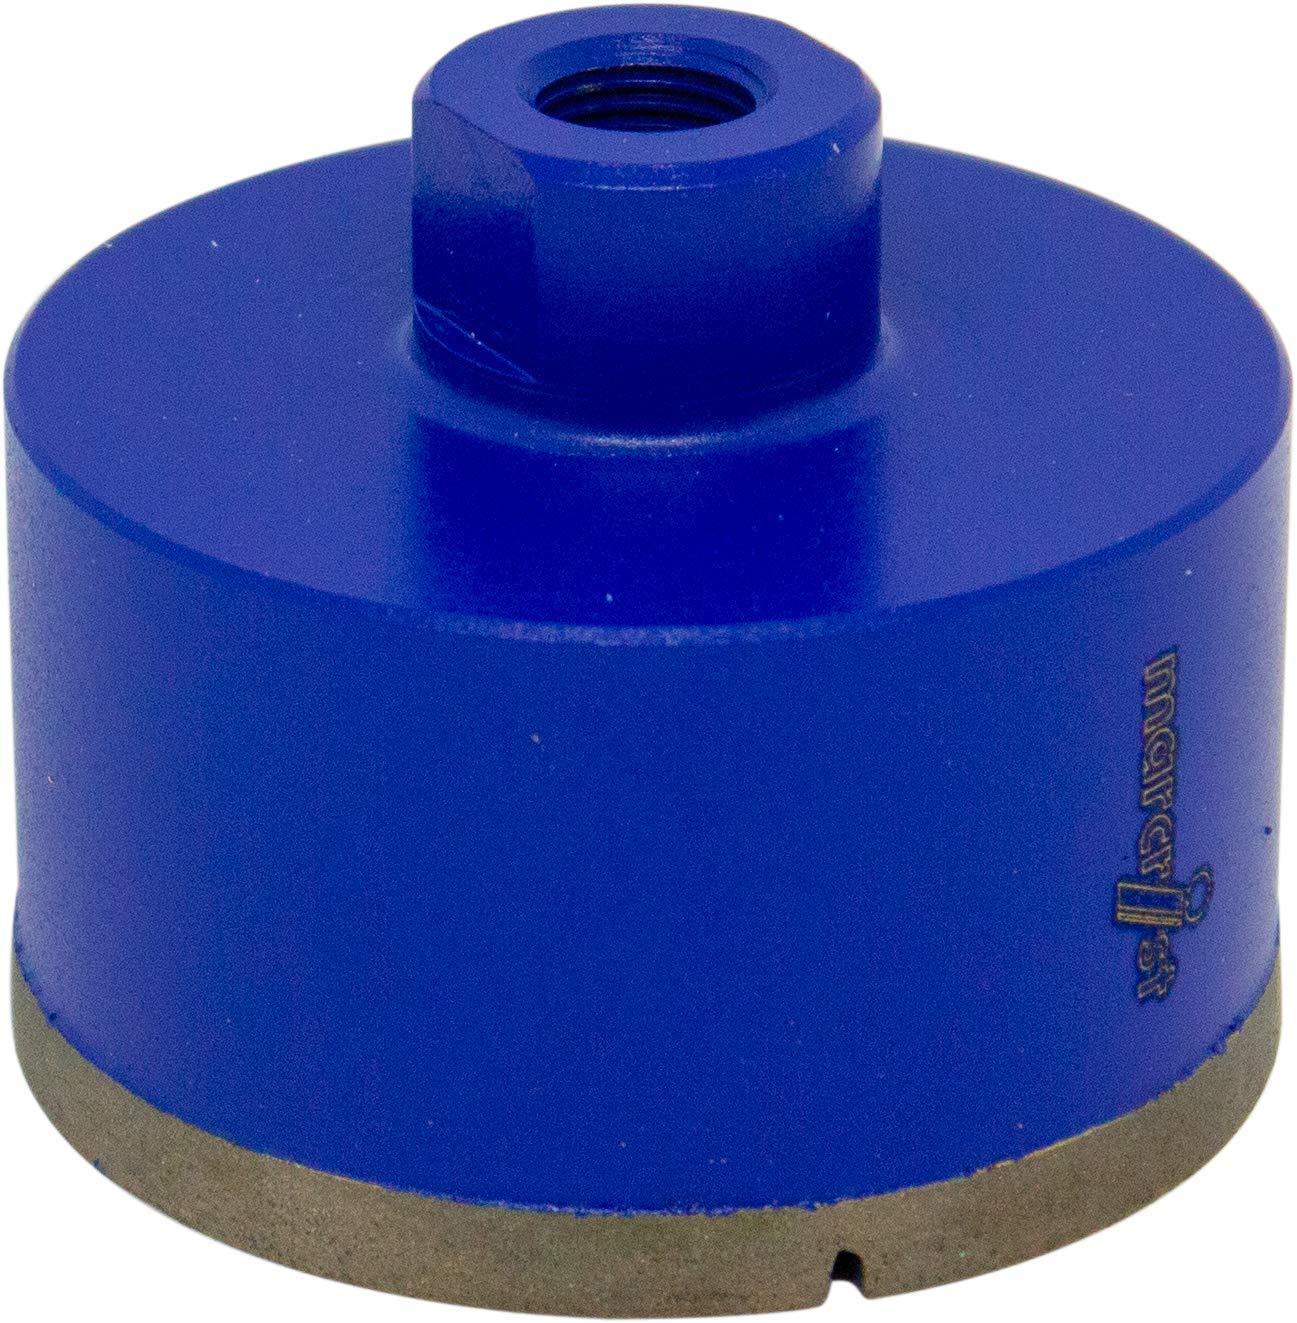 Marcrist PG850 10mm ultimativer Fliesenbohrer 1/2' x 20 UNF Nassbohrer Fliese Feinsteinzeug Naturstein MRCPG85010